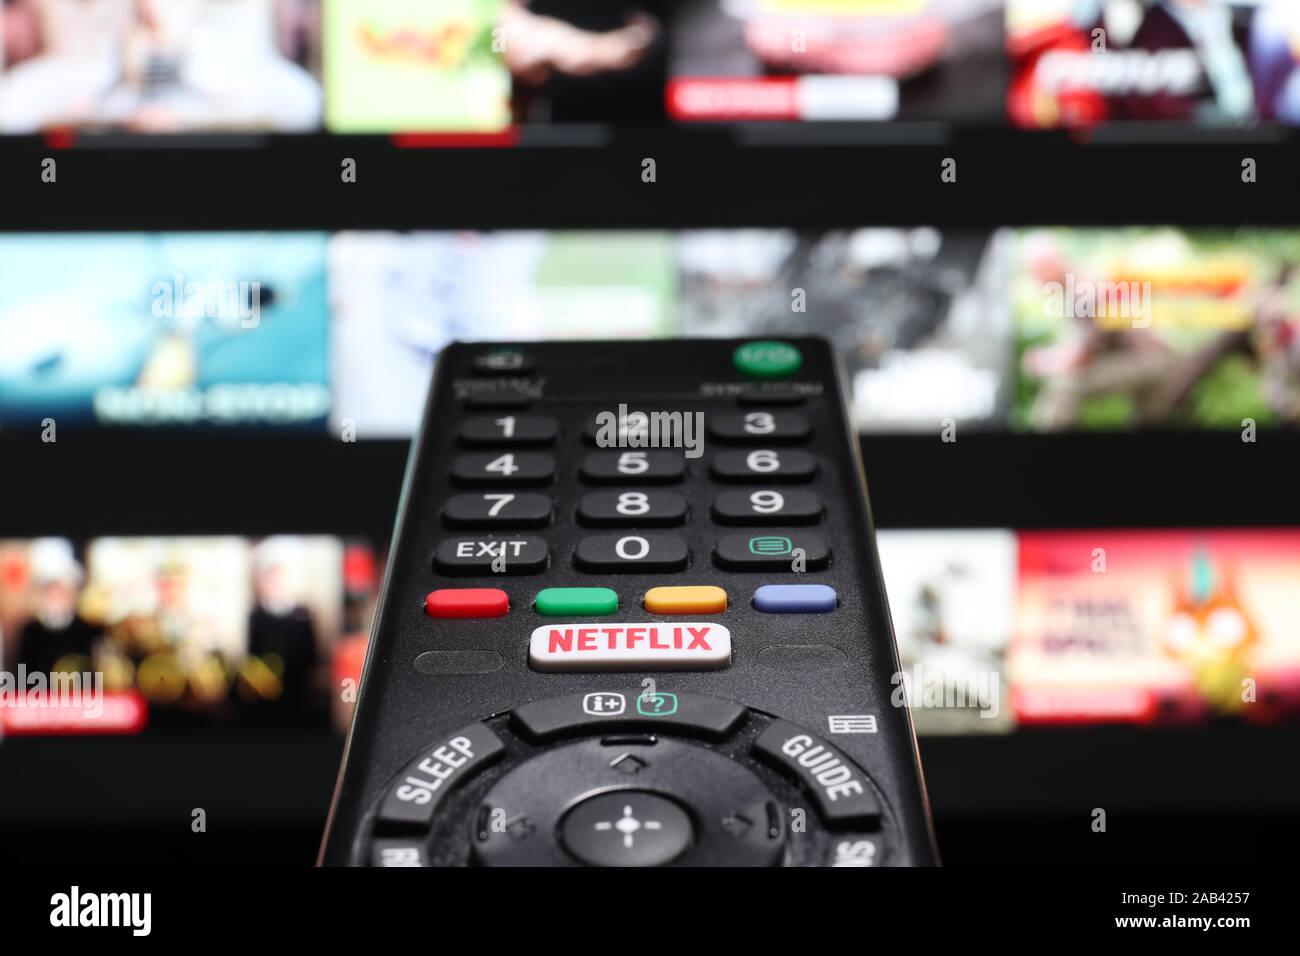 Beobachten Netflix auf ein intelligentes Fernsehen über die Netflix Taste auf einer TV-Fernbedienung Stockfoto